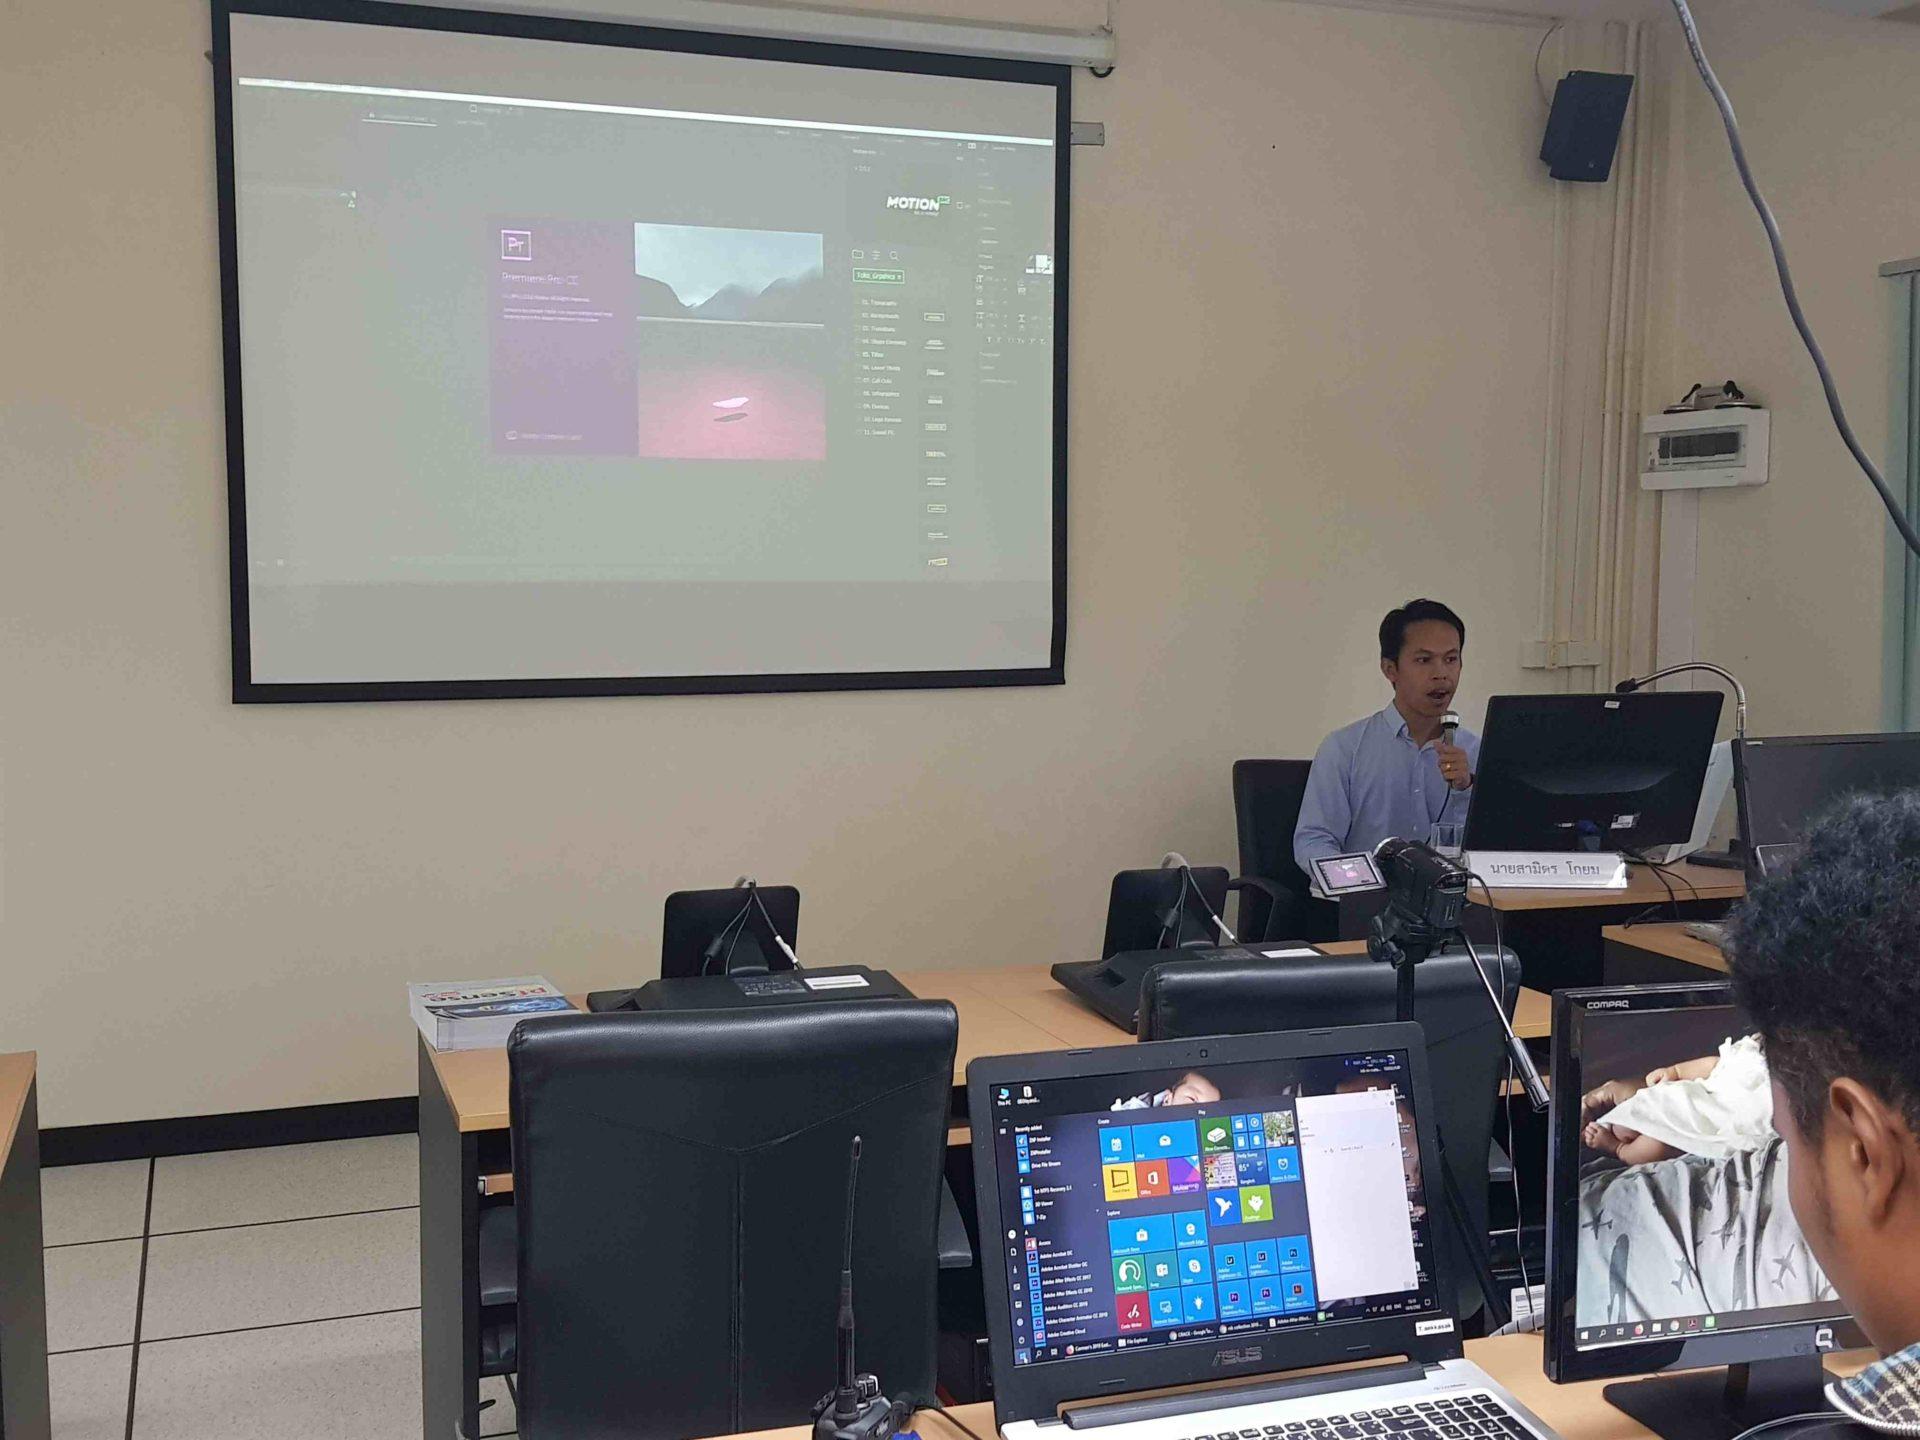 การฝึกอบรมเชิงปฏิบัติการบุคลากรภายใน เรื่องการทำเทคนิคพิเศษสำหรับงานพัฒนาสื่อการเรียนการสอนโดยใช้โปรแกรม After Effec